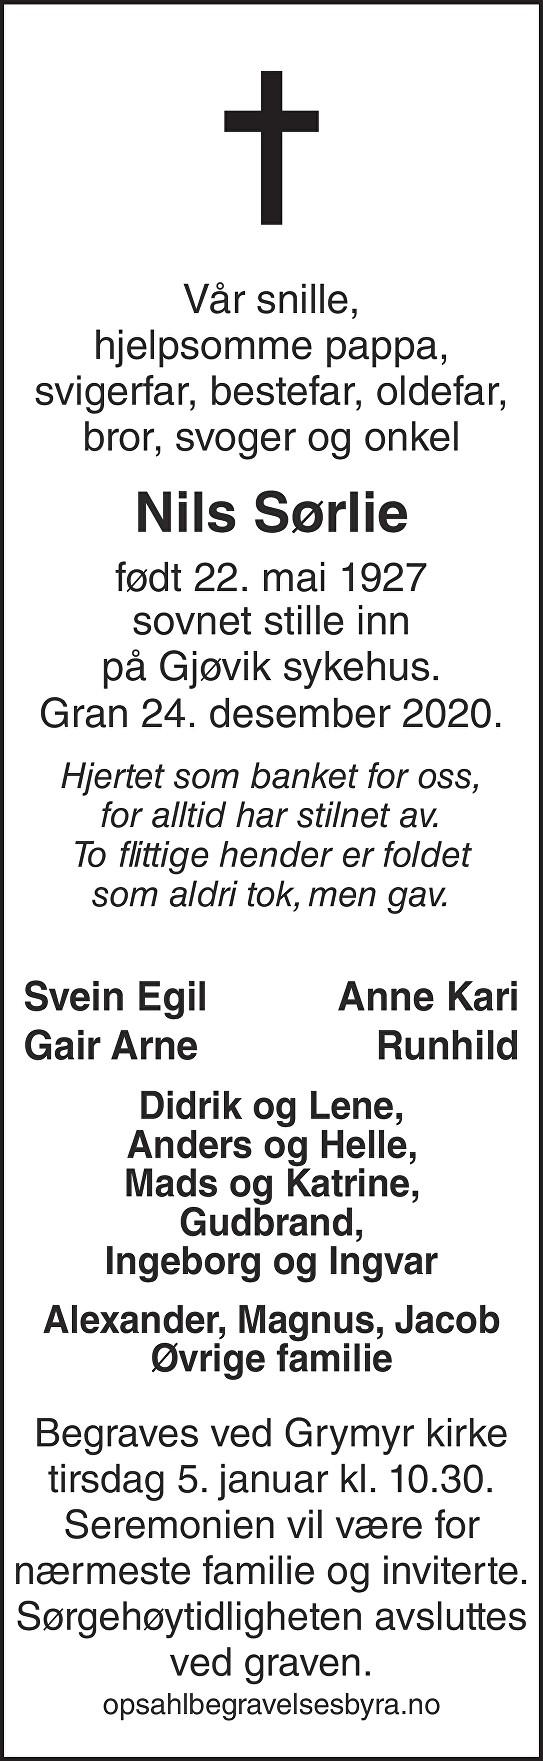 Nils Sørlie Dødsannonse